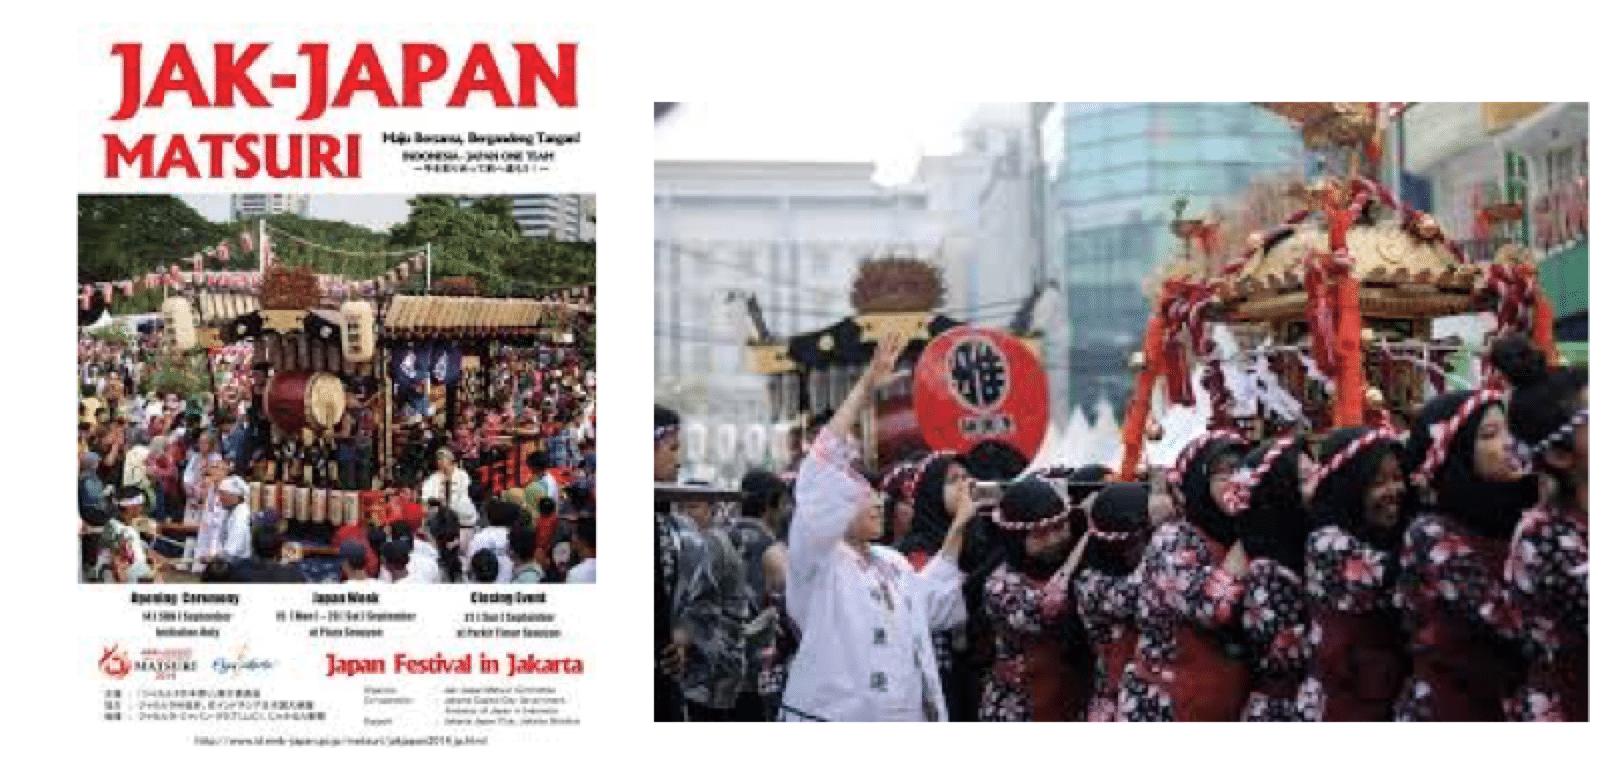 インドネシア大学日本語講師が語る、インドネシアの基礎情報&日本への印象